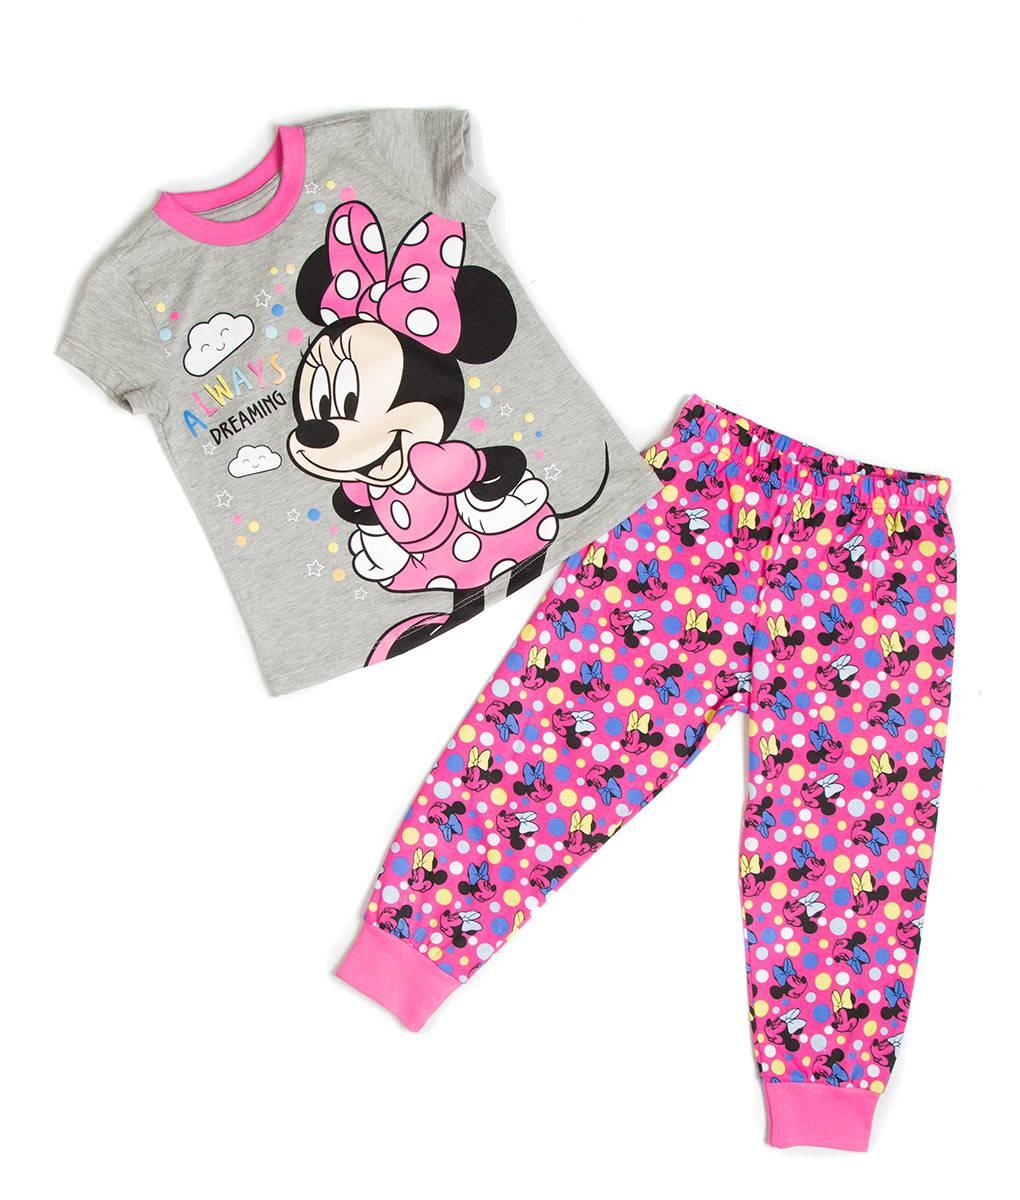 Pijama niña Minnie          Tallas: 2, 5         Precio: $18,00